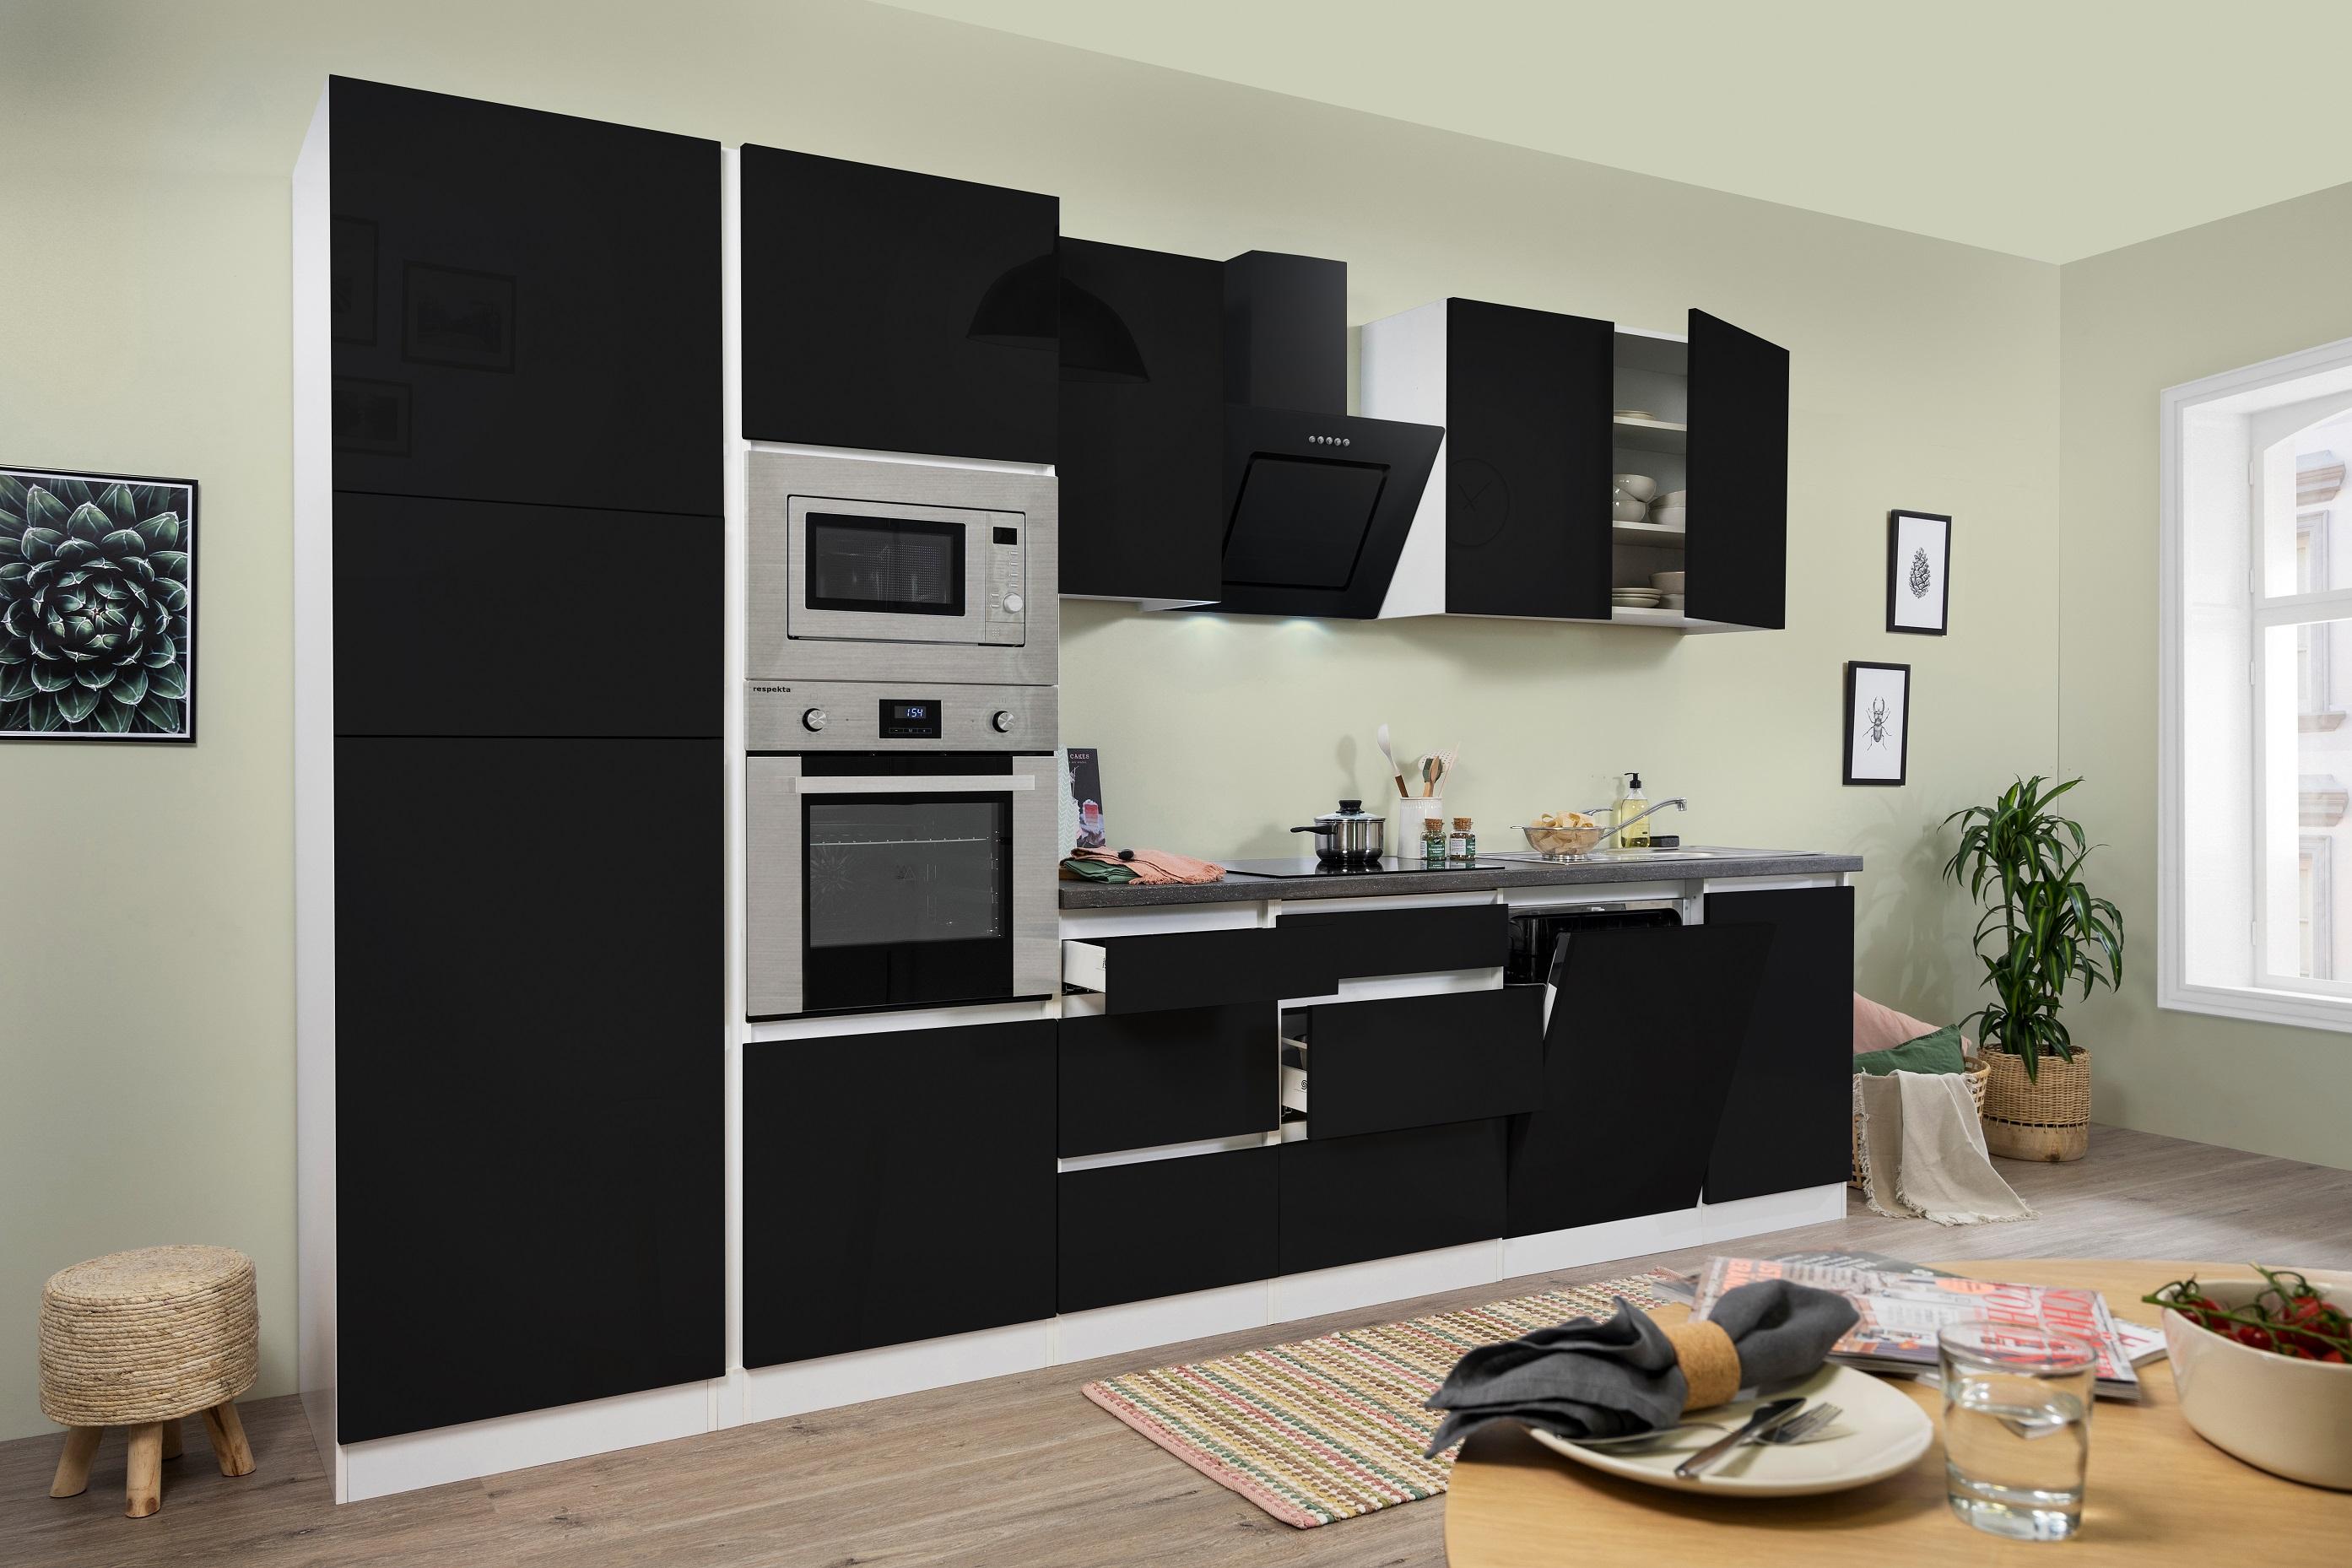 respekta Küche Küchenzeile Küchenblock grifflose Einbauküche 345 cm Weiß Schwarz